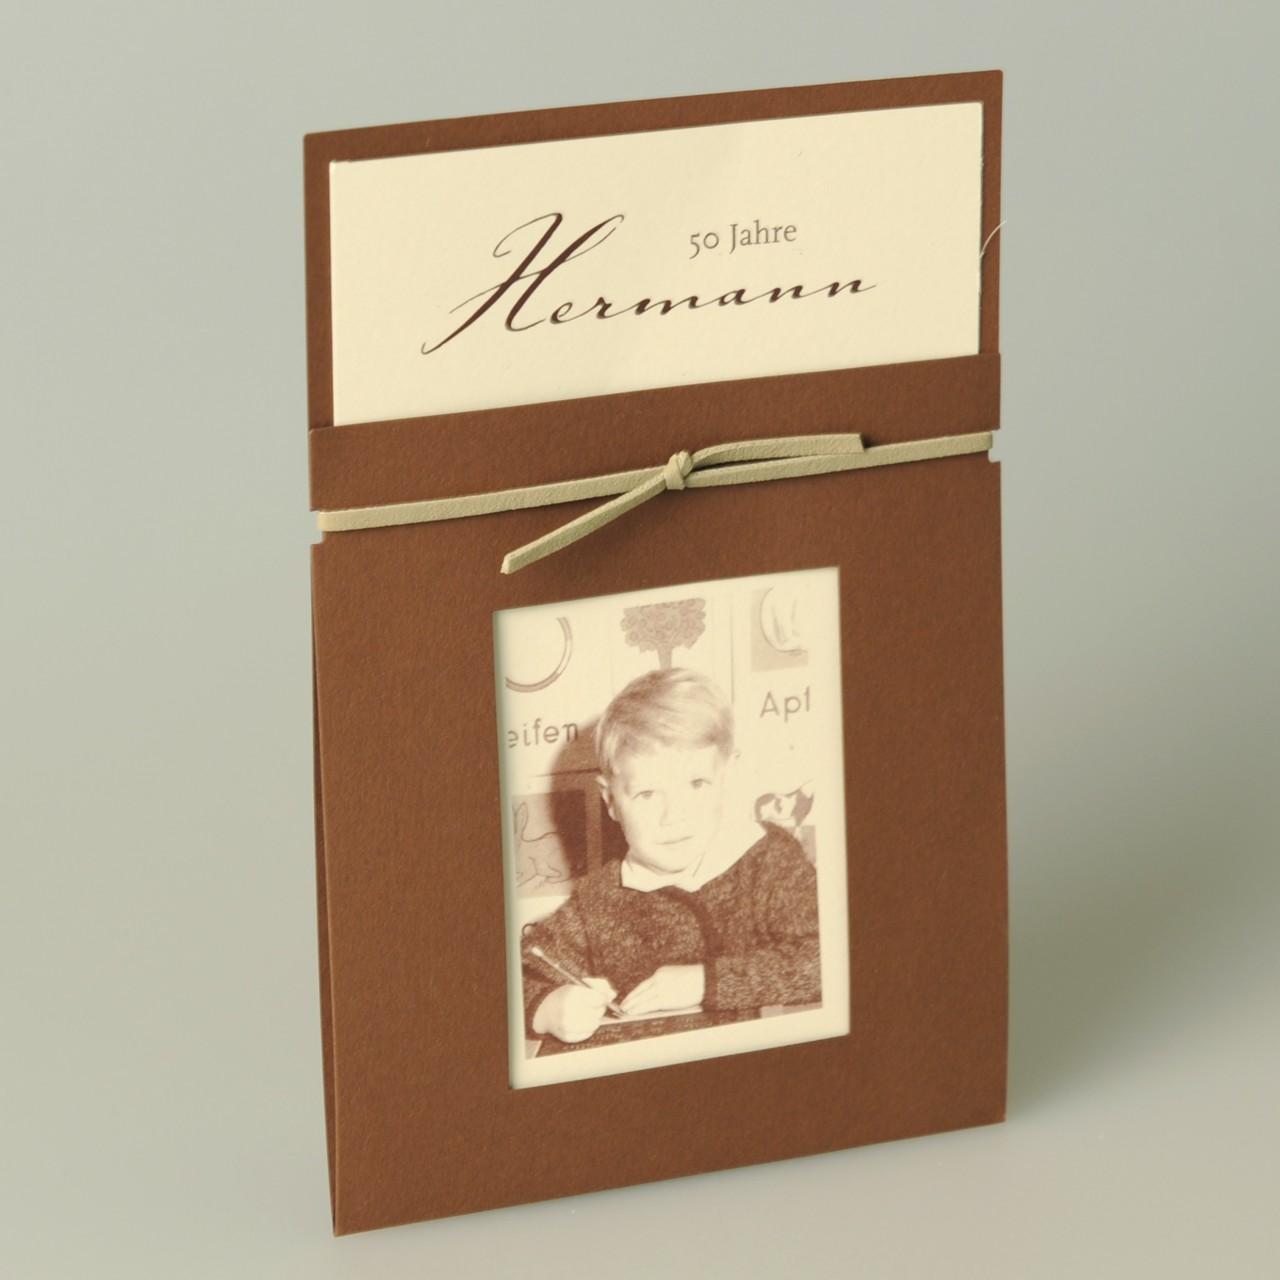 Braune Einladungskarte mit braunem Lederband, beigem Einleger und individuellem Foto, Kuvert beige.